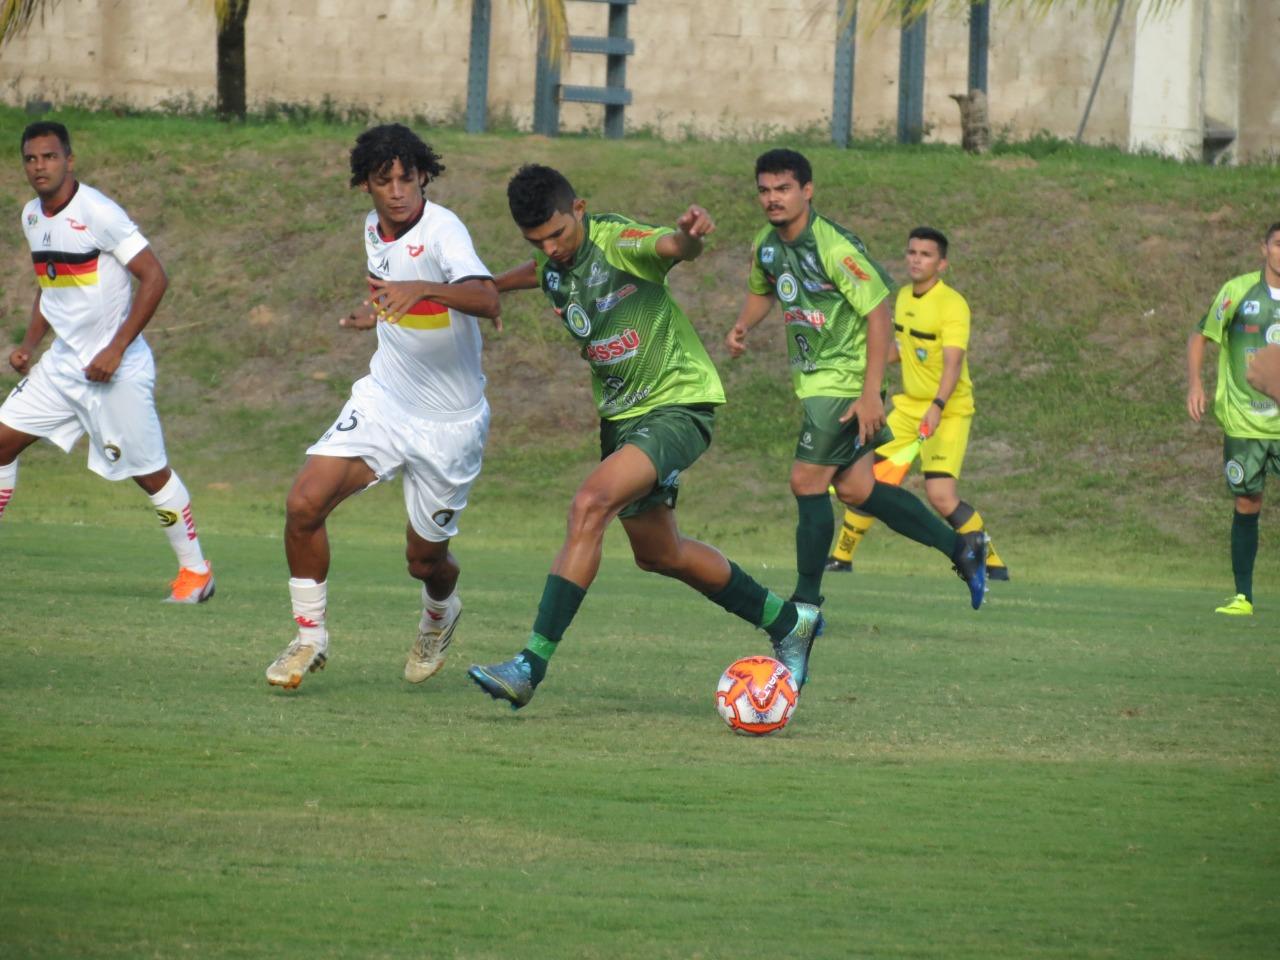 Globo e Assu empatam sem gols no Estádio Barrettão